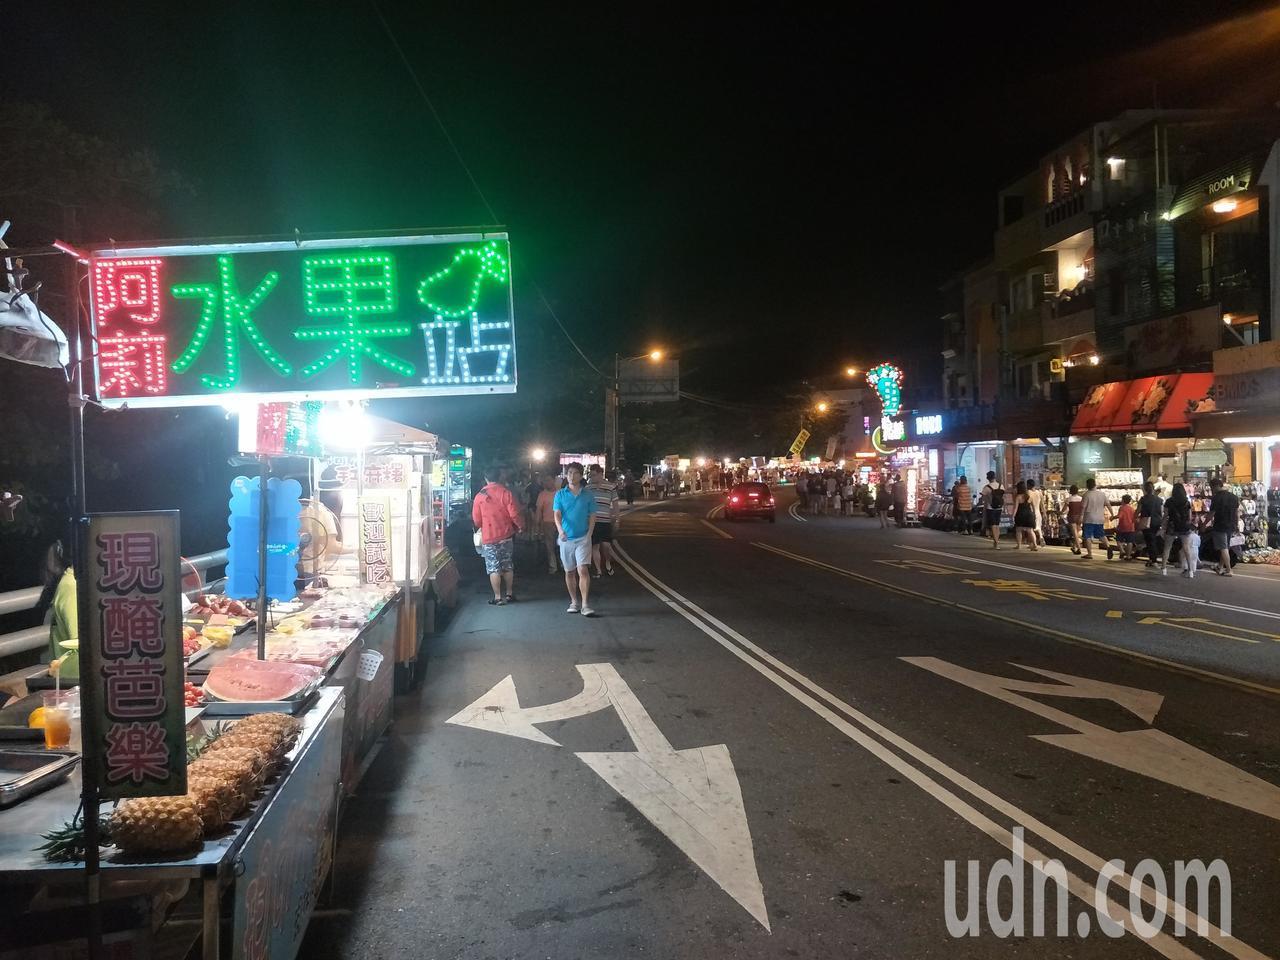 屏東墾丁大街夜市一到非假日、過了晚上9時,顯得空盪盪。記者潘欣中/攝影